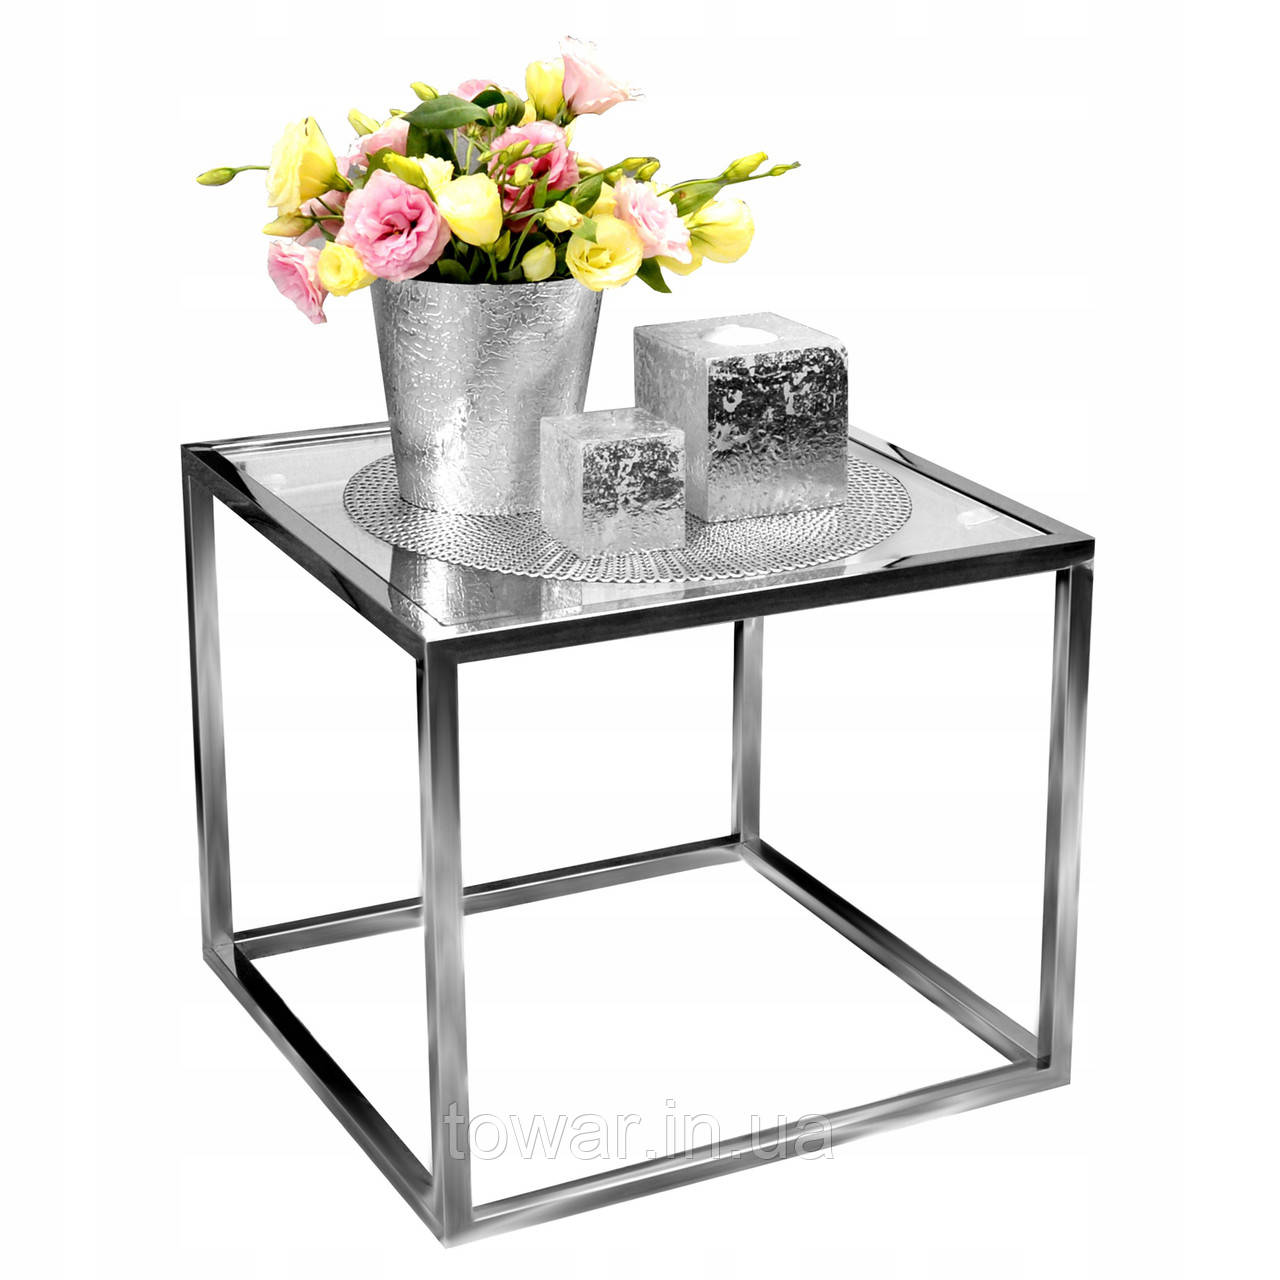 Журнальный столик из хромированной стали 50x50 GLAMOR